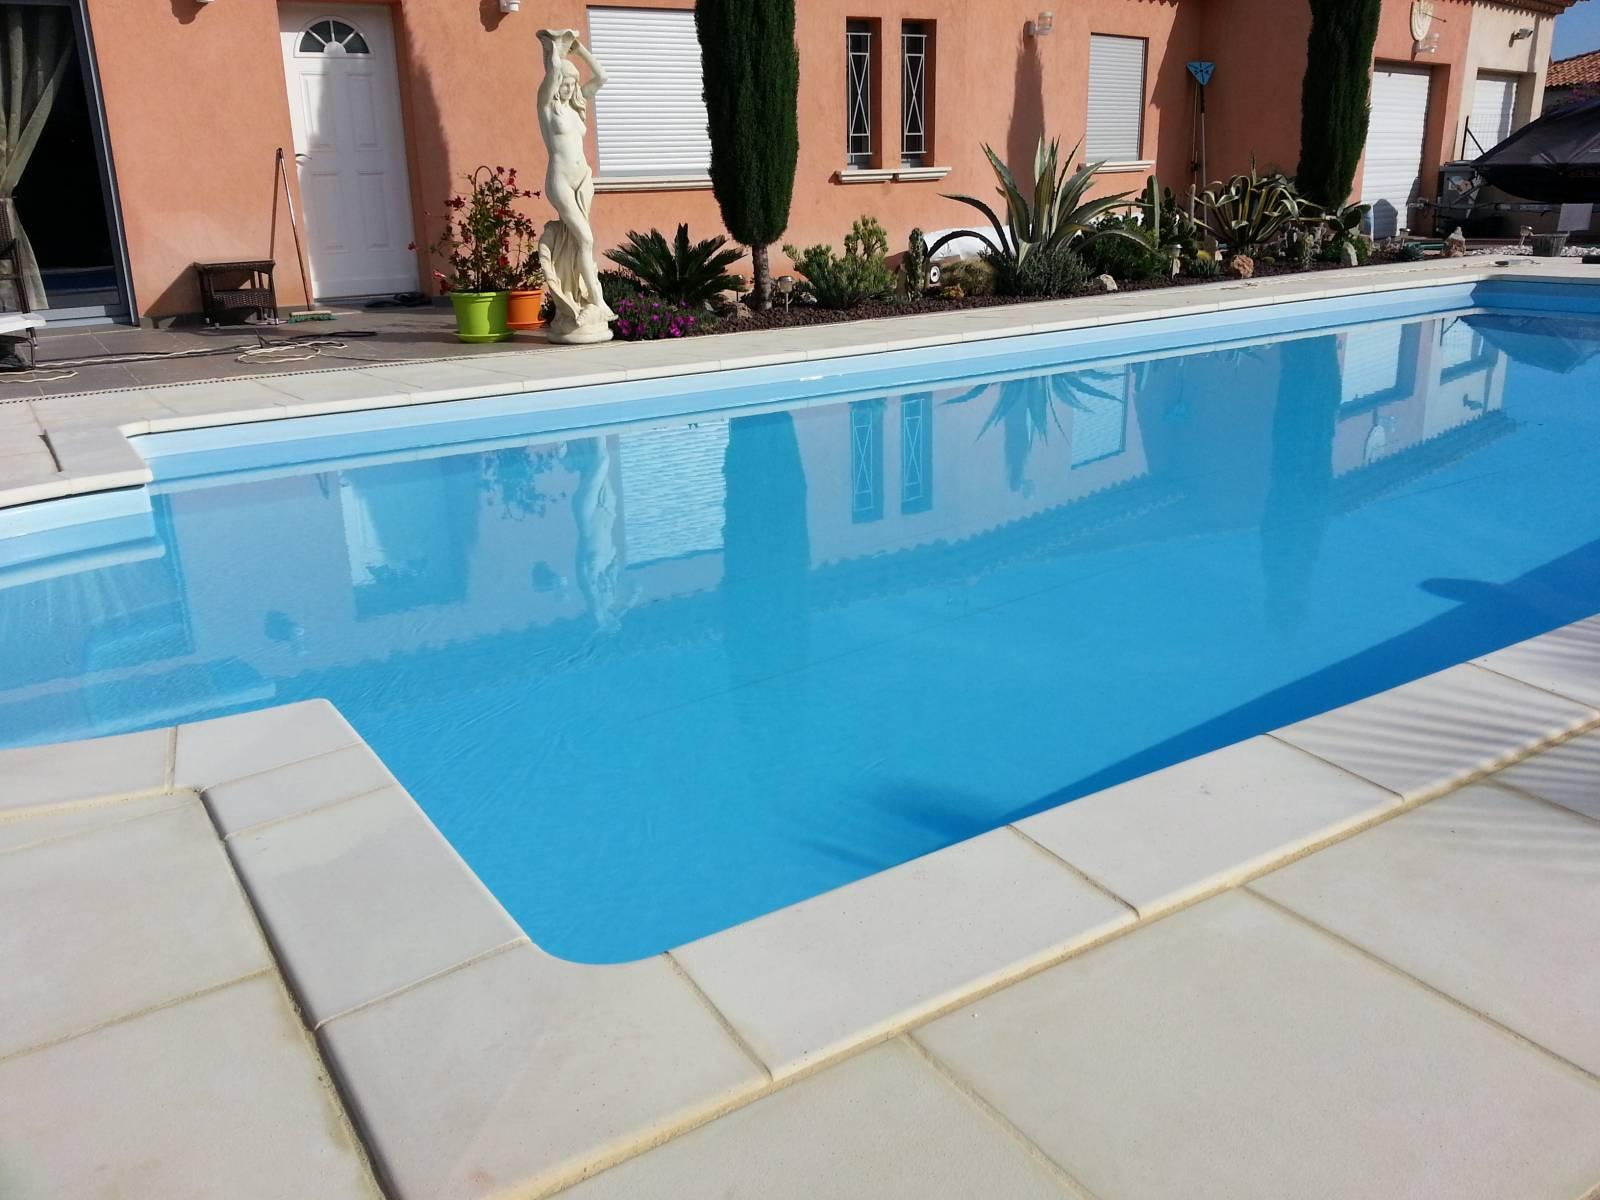 Piscine bleu jce piscines for Piscine bois 9x4